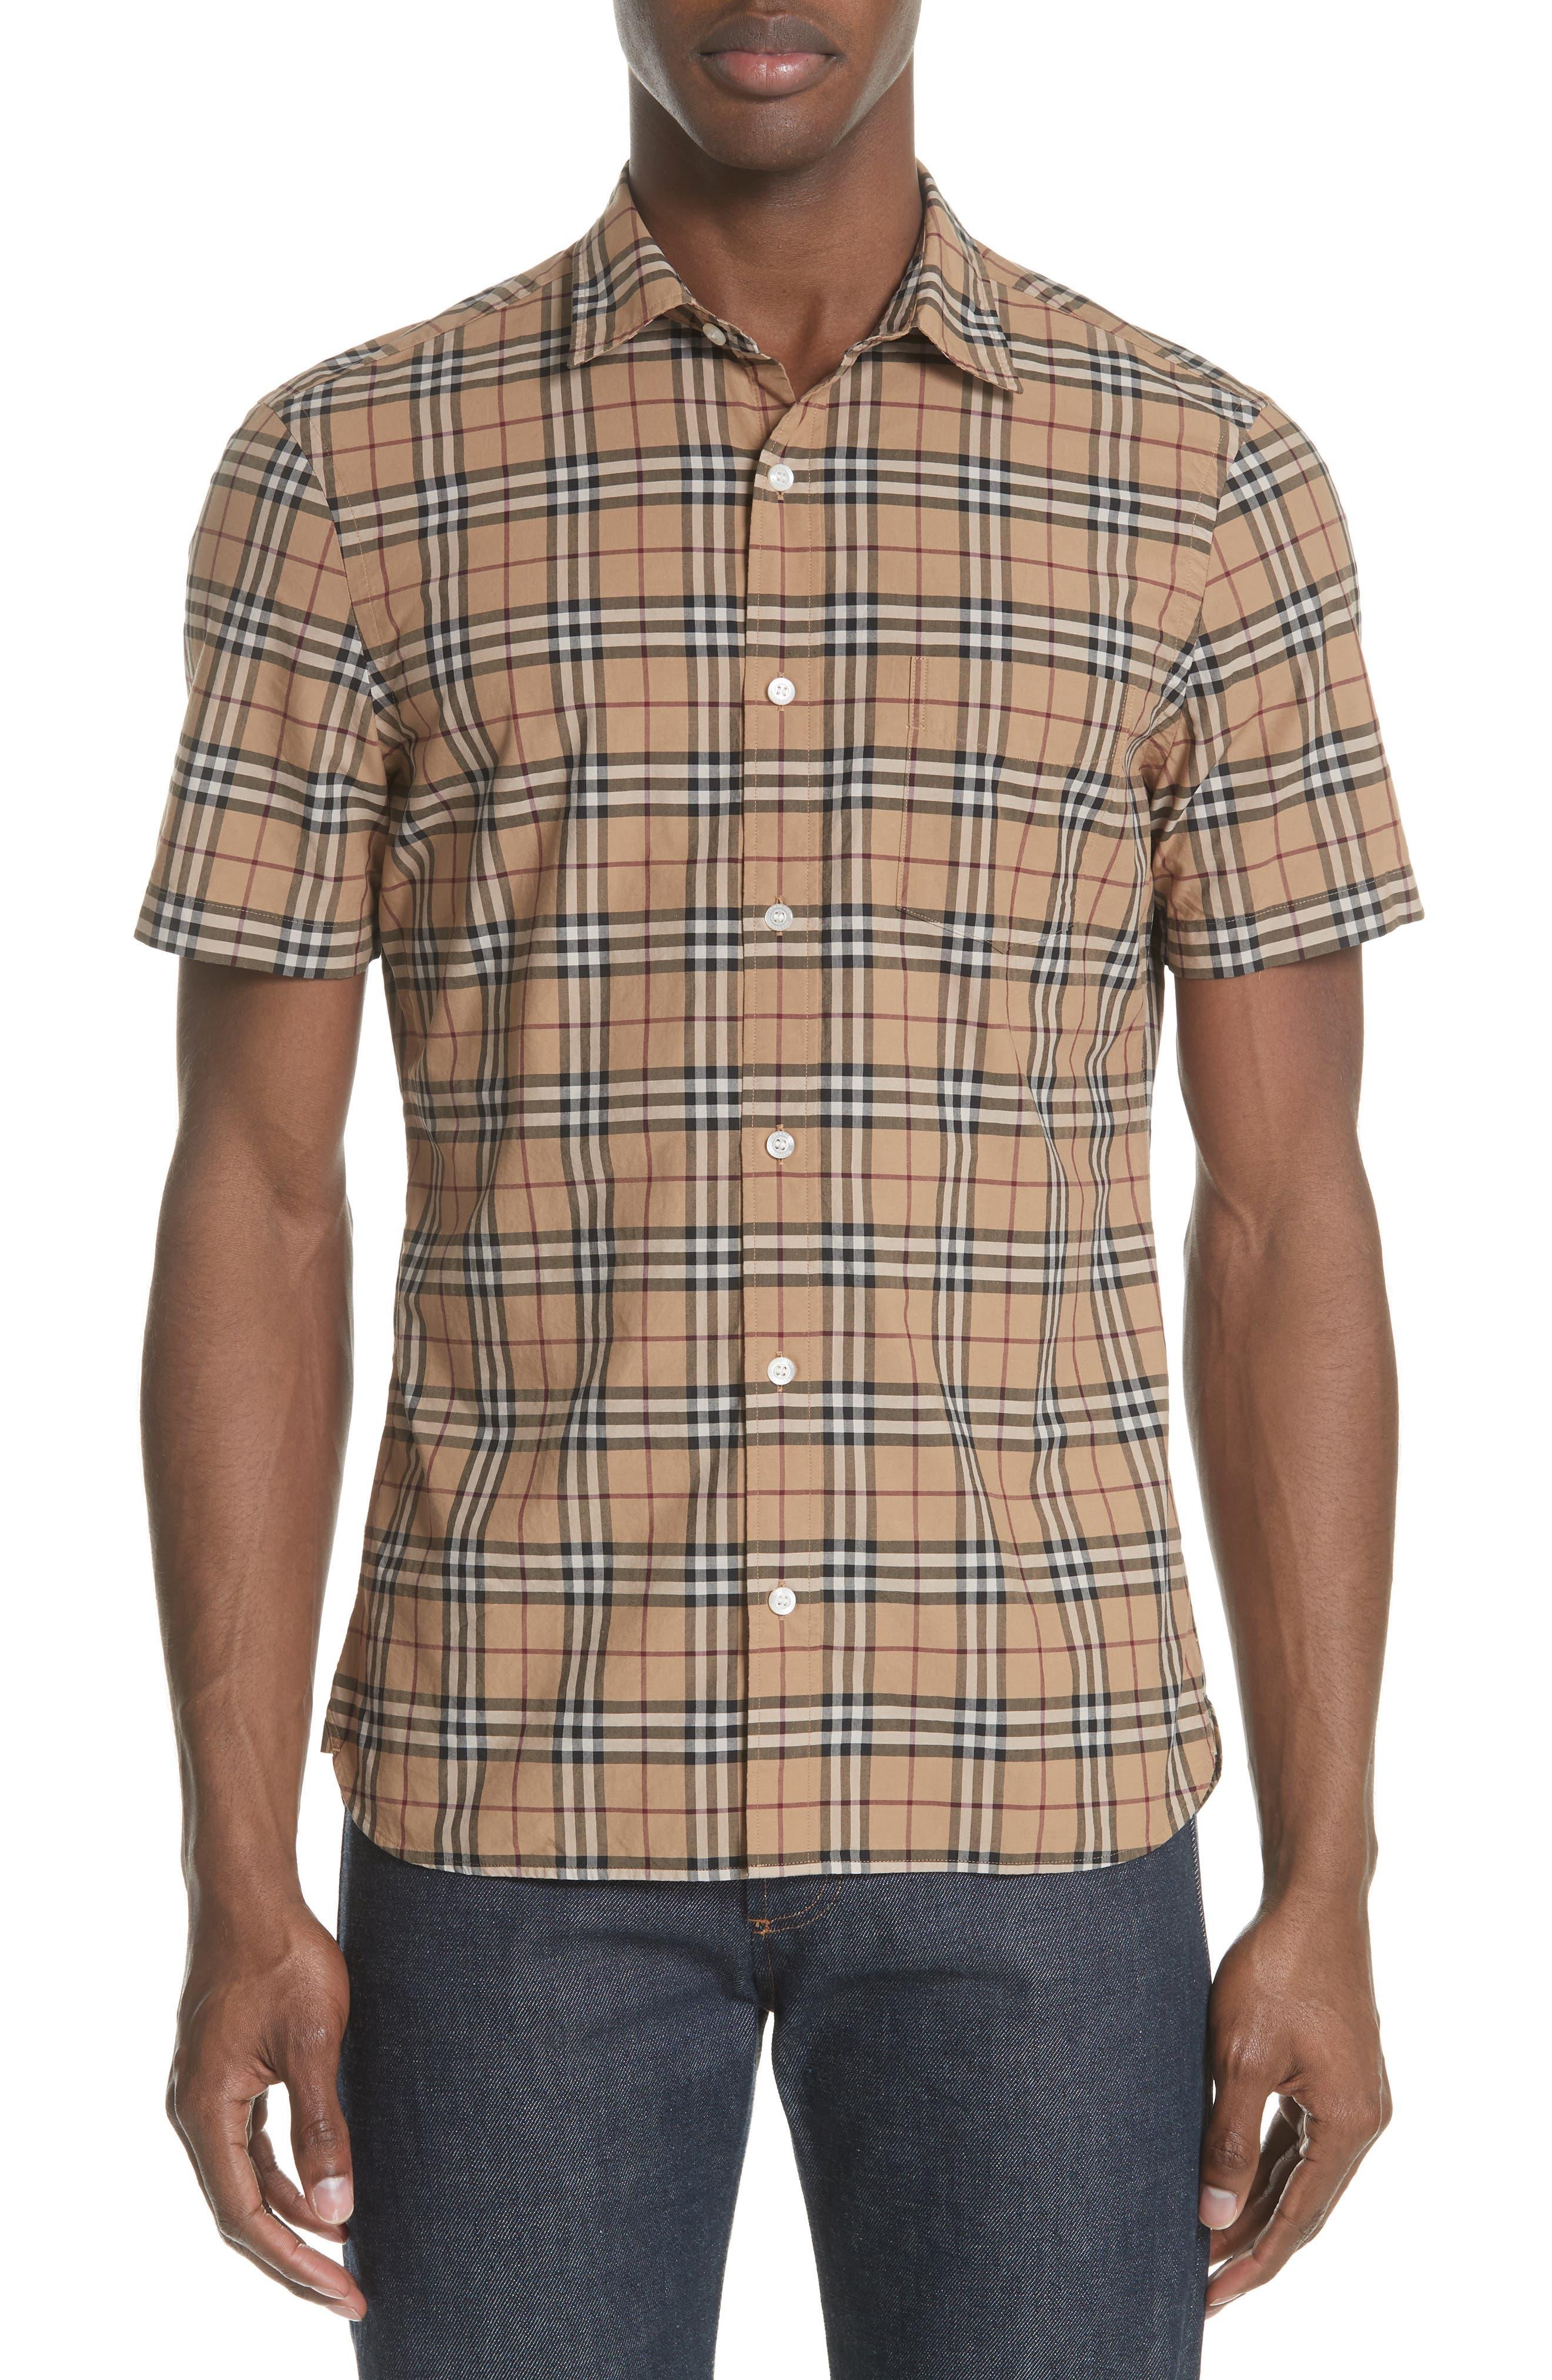 Alexander Check Sport Shirt,                         Main,                         color, 250